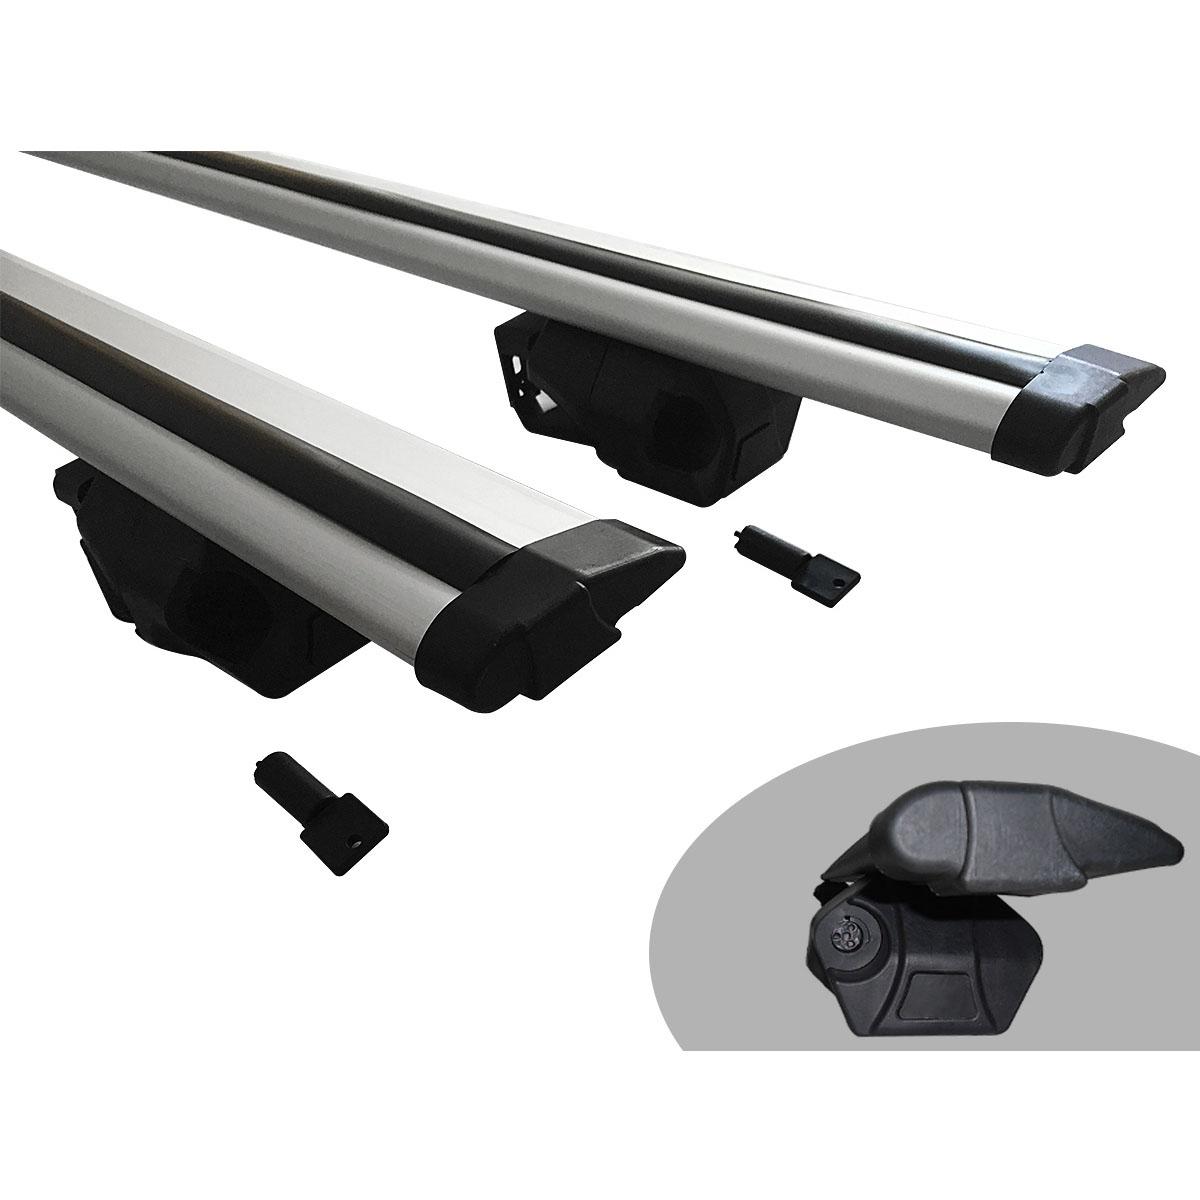 Travessa rack de teto Procargo Idea 2006 a 2016 com trava de segurança